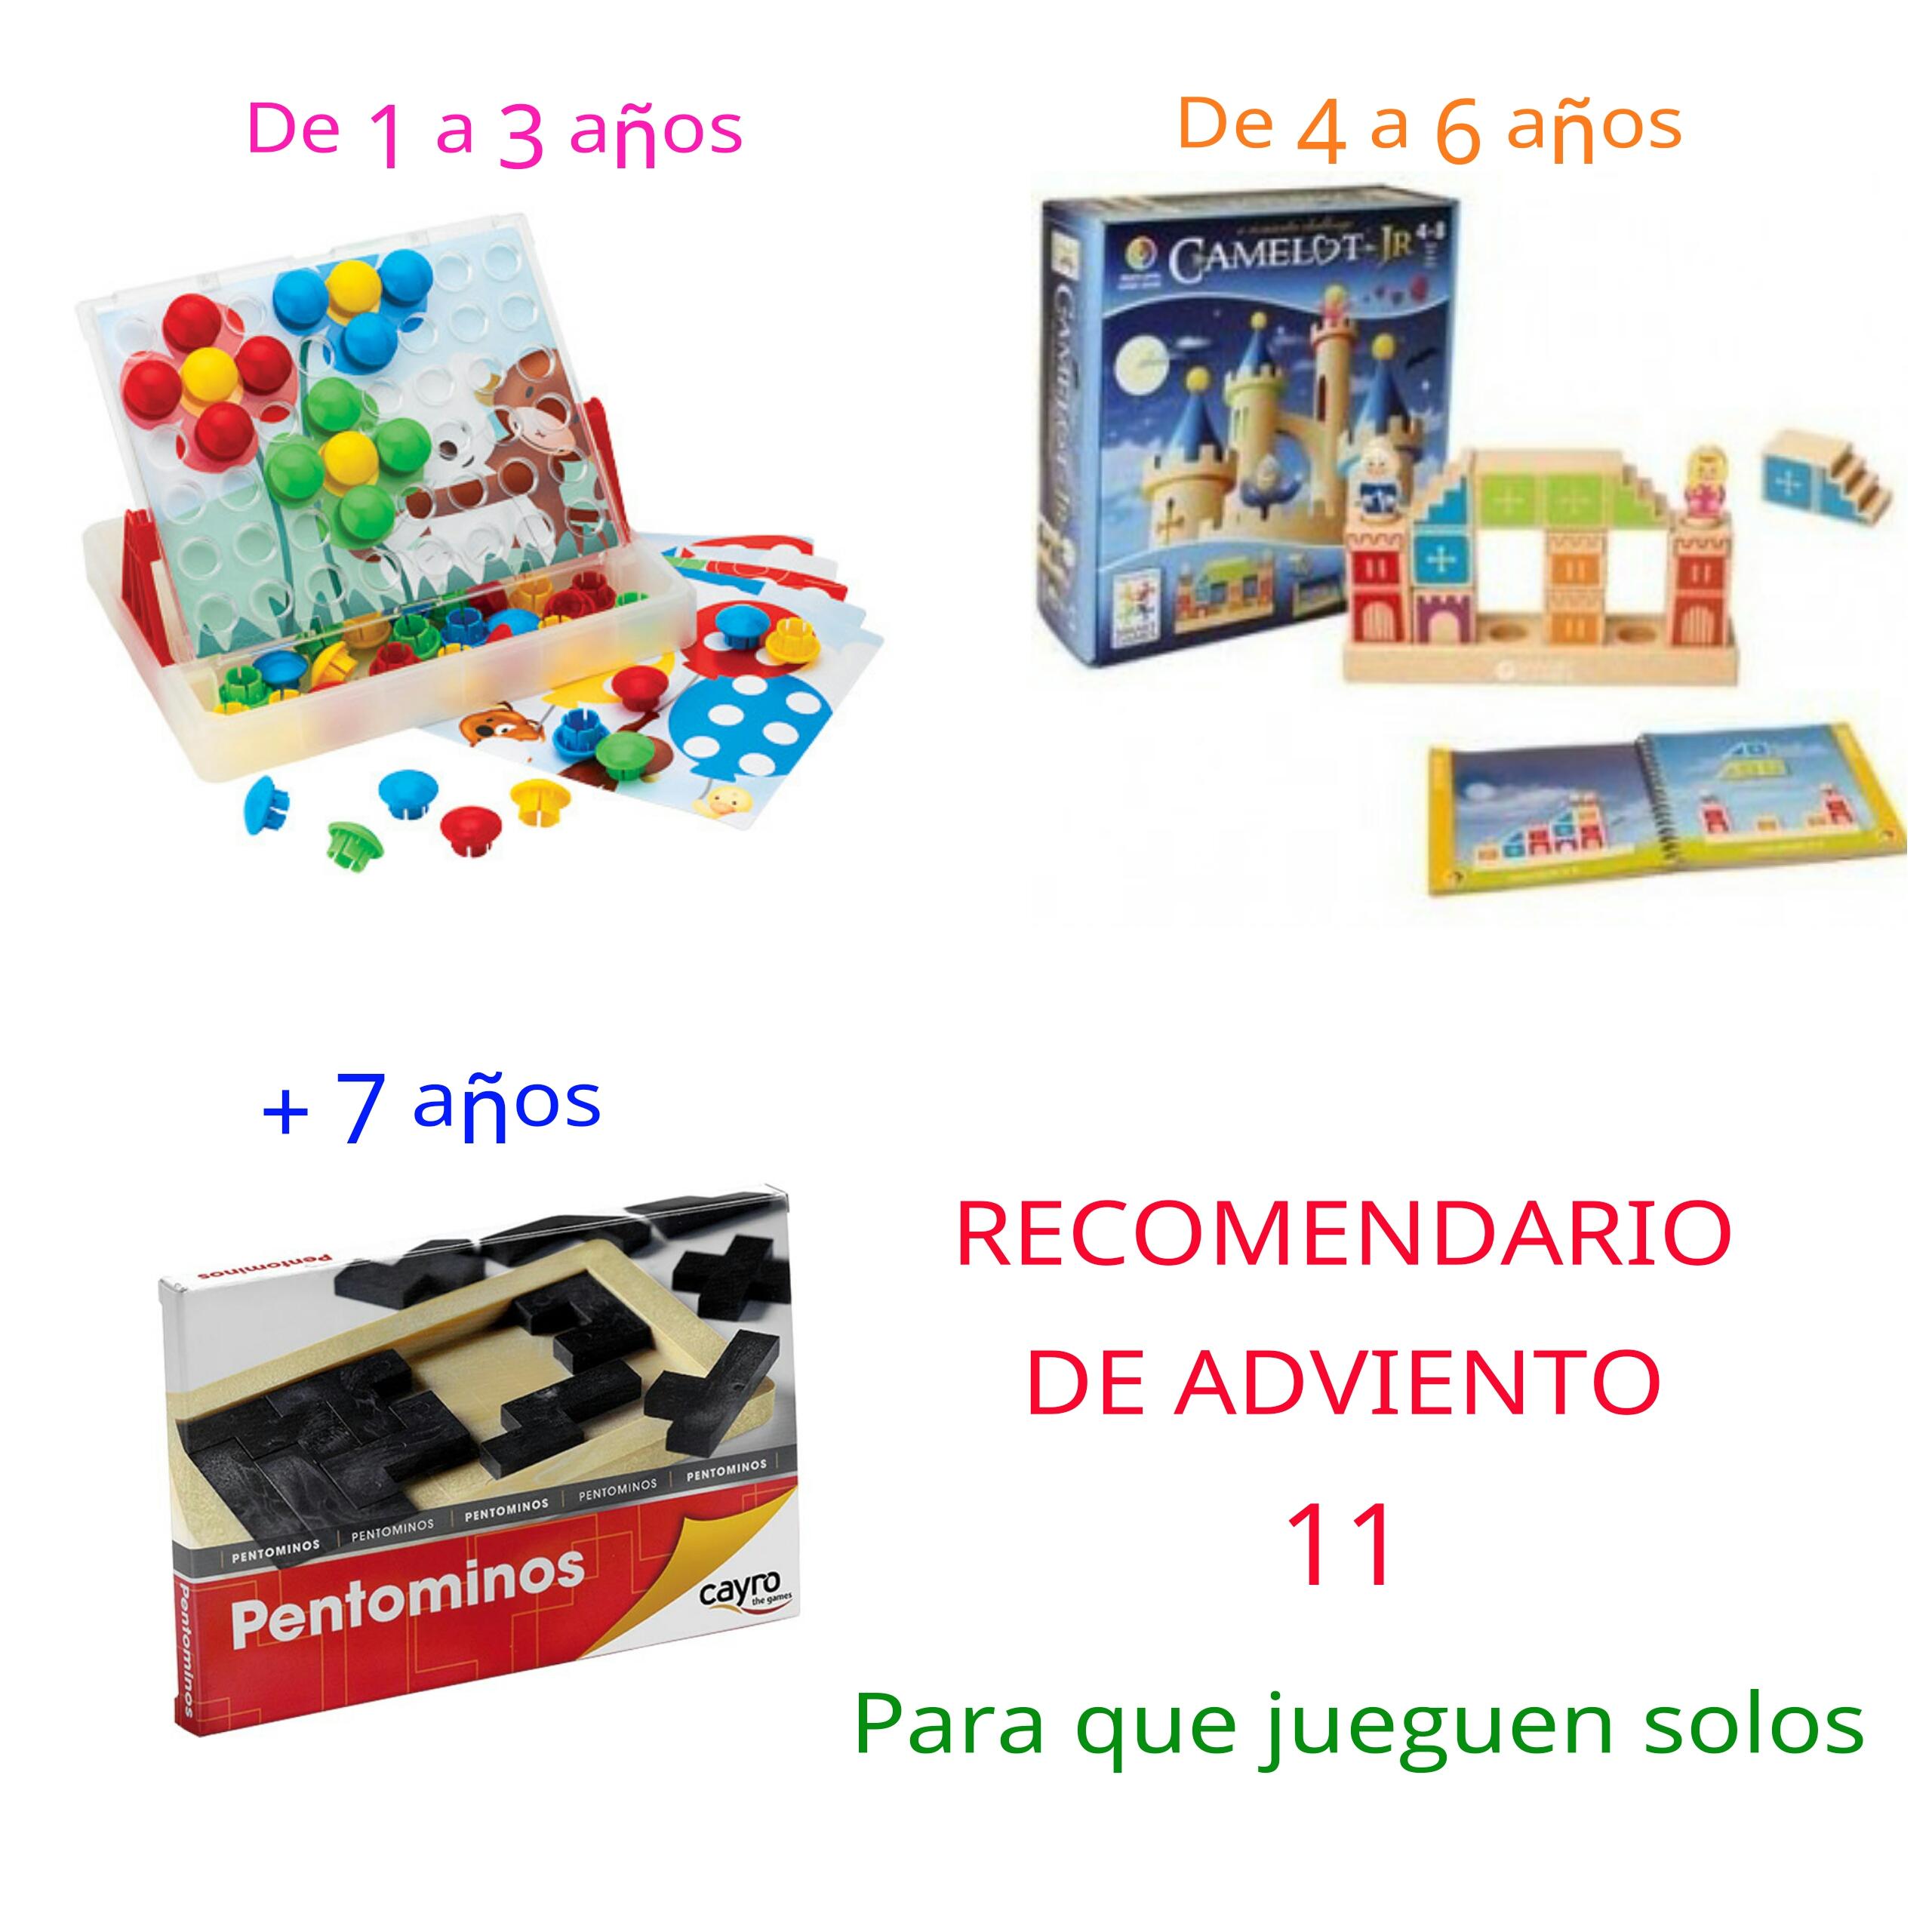 Ideas de regalos para niños. Recomendario de adviento 11